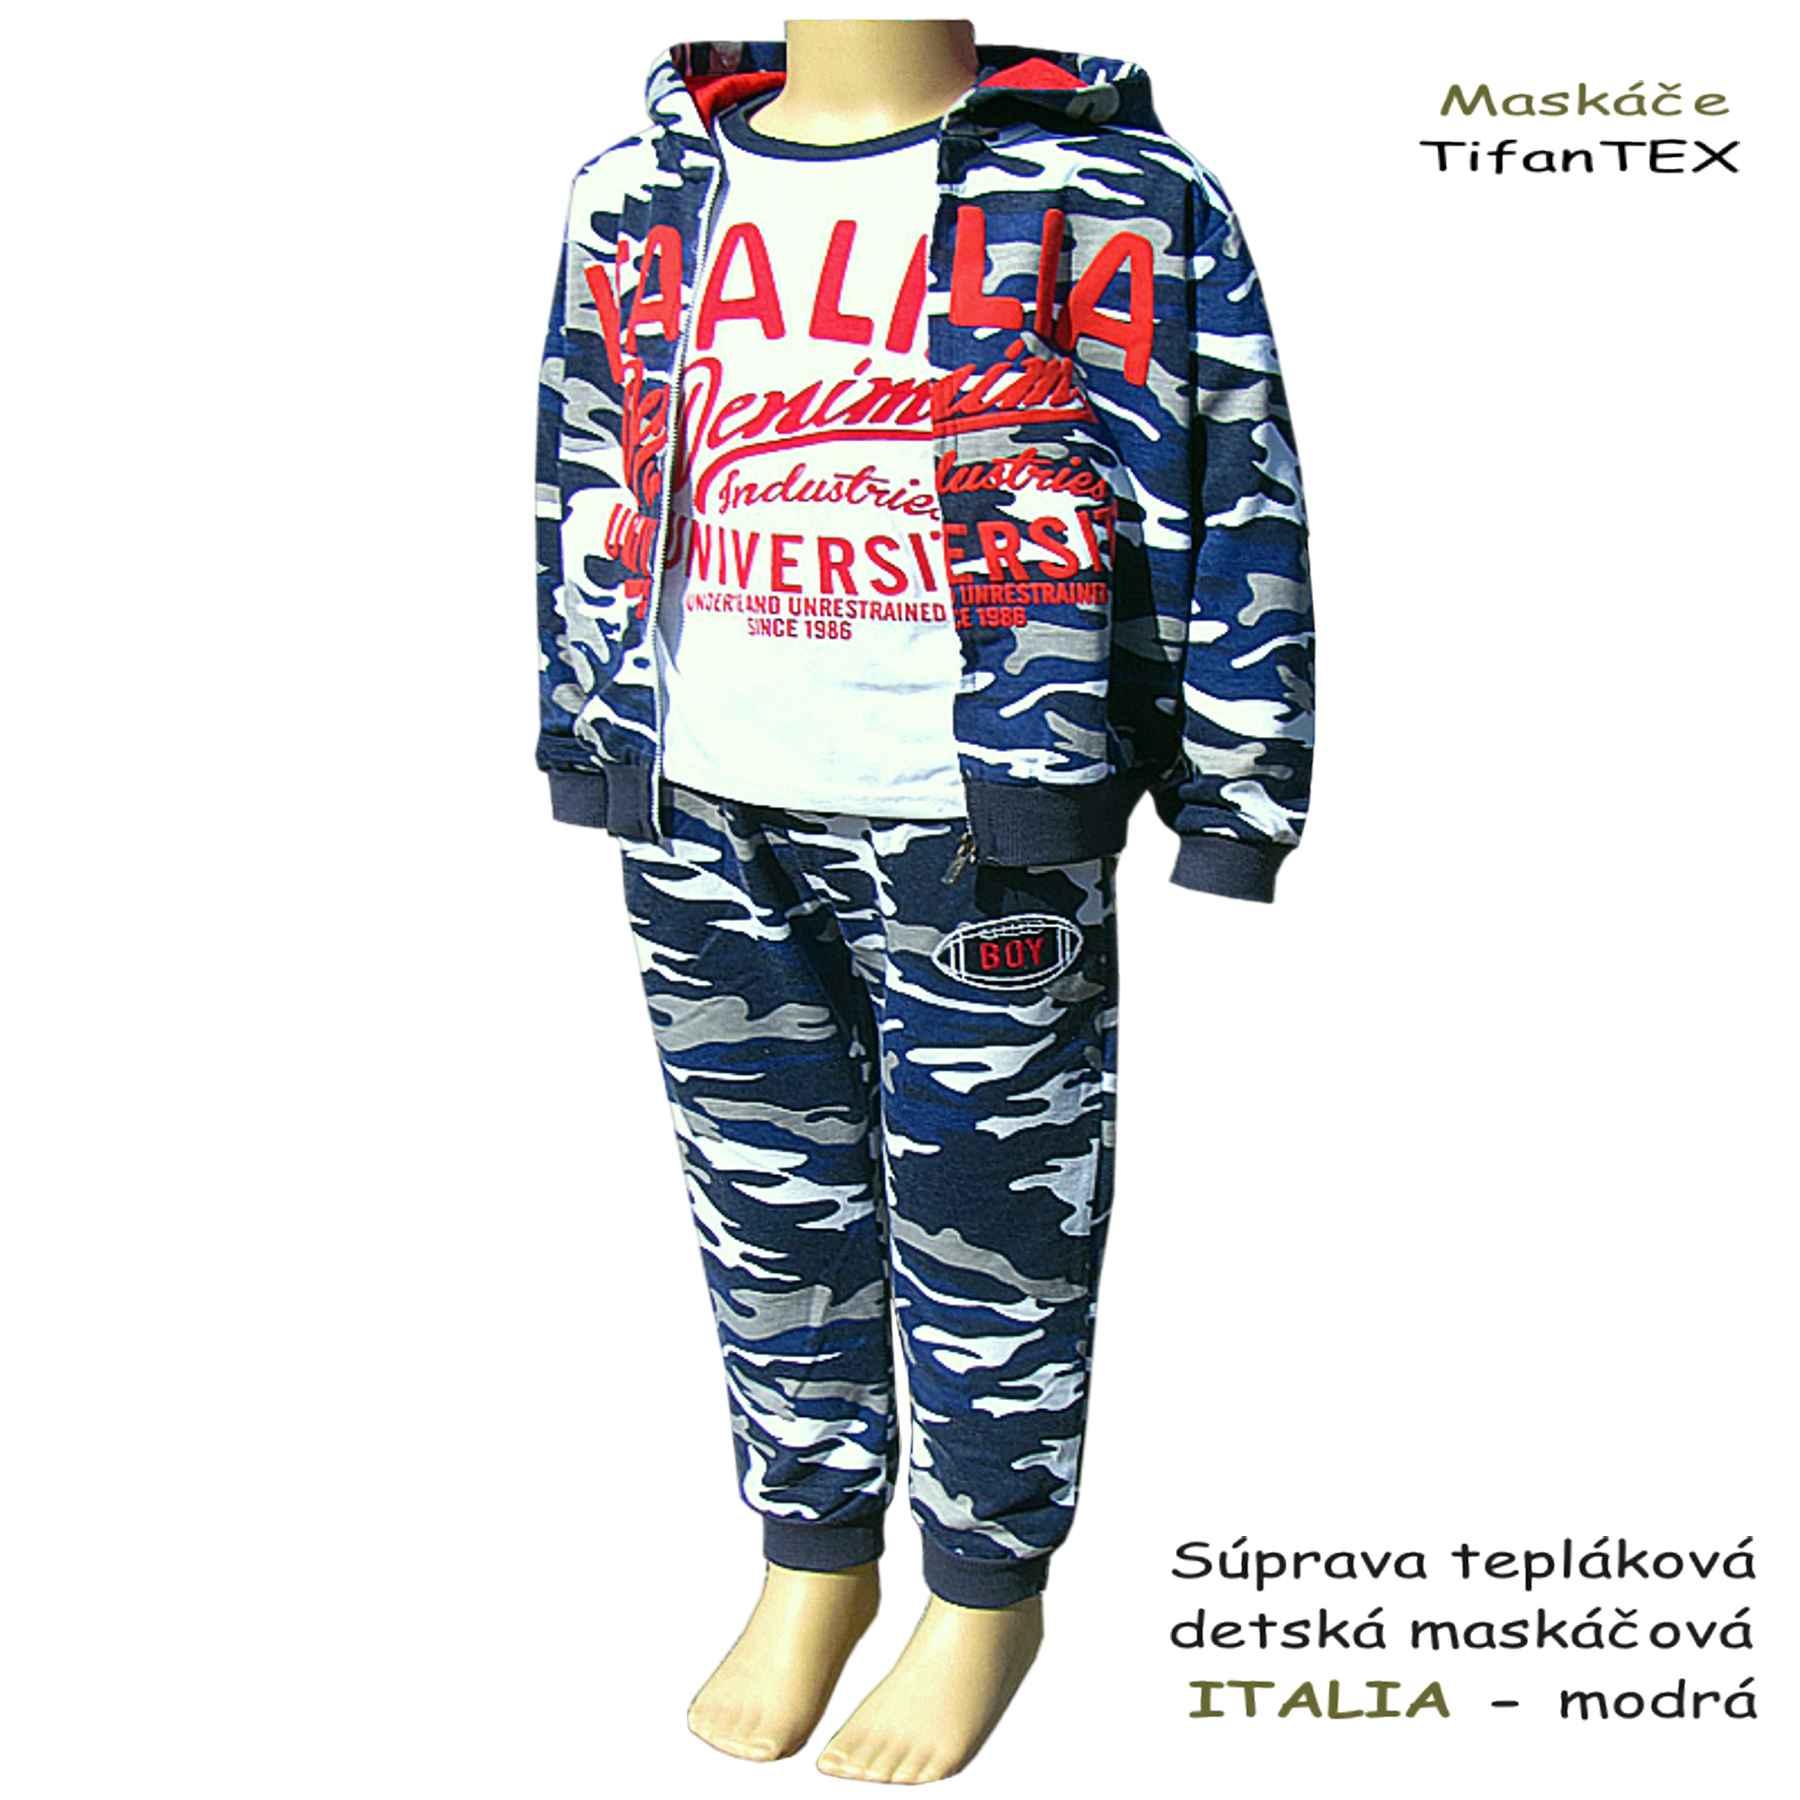 24b094b82ddb ... Súprava tepláková detská maskáčová s tričkom Italia modrá - odevy  Tifantex